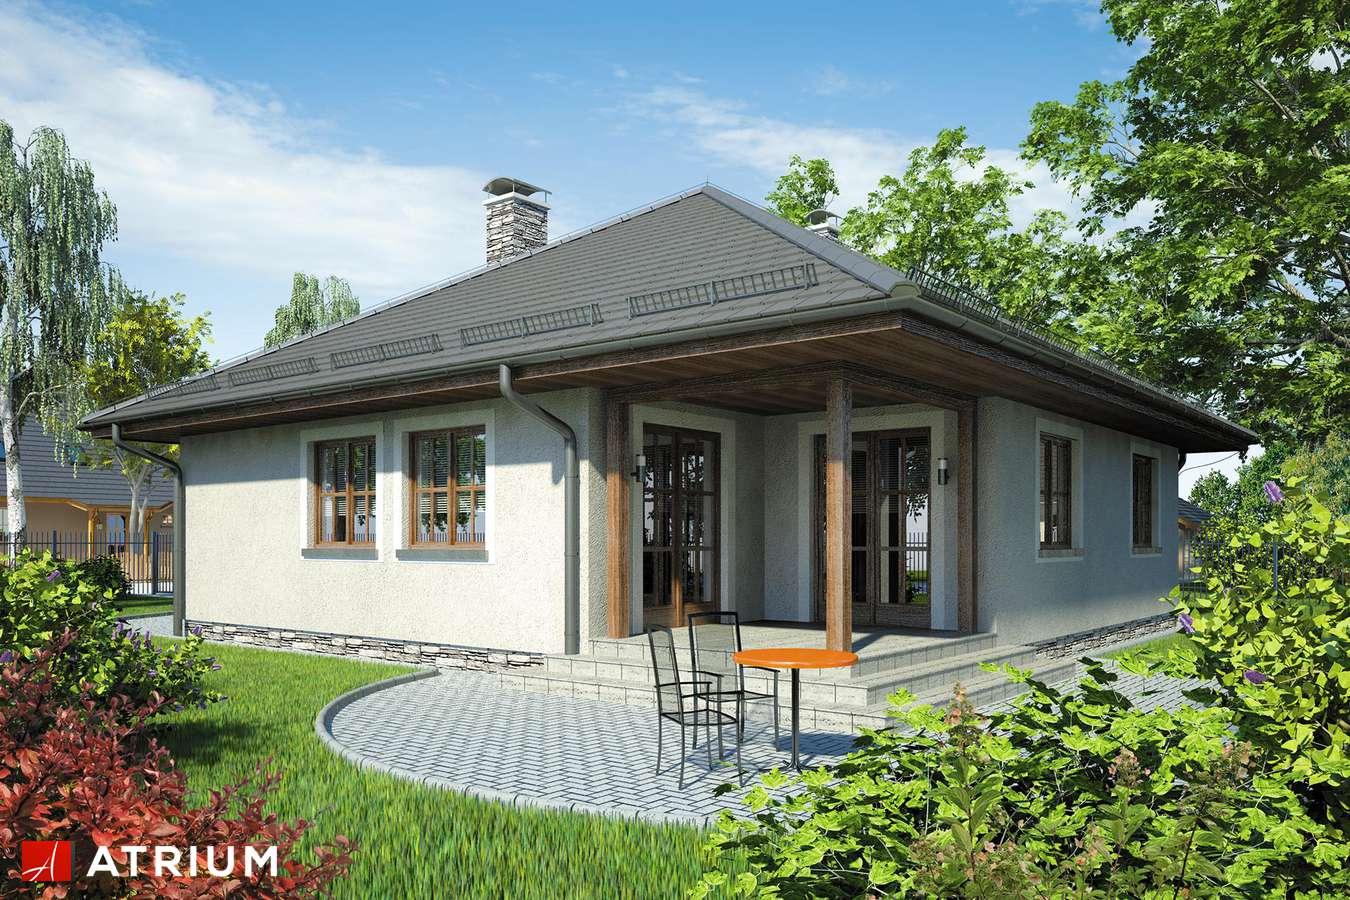 Projekty domów - Projekt domu parterowego BURSZTYN - wizualizacja 2 - wersja lustrzana